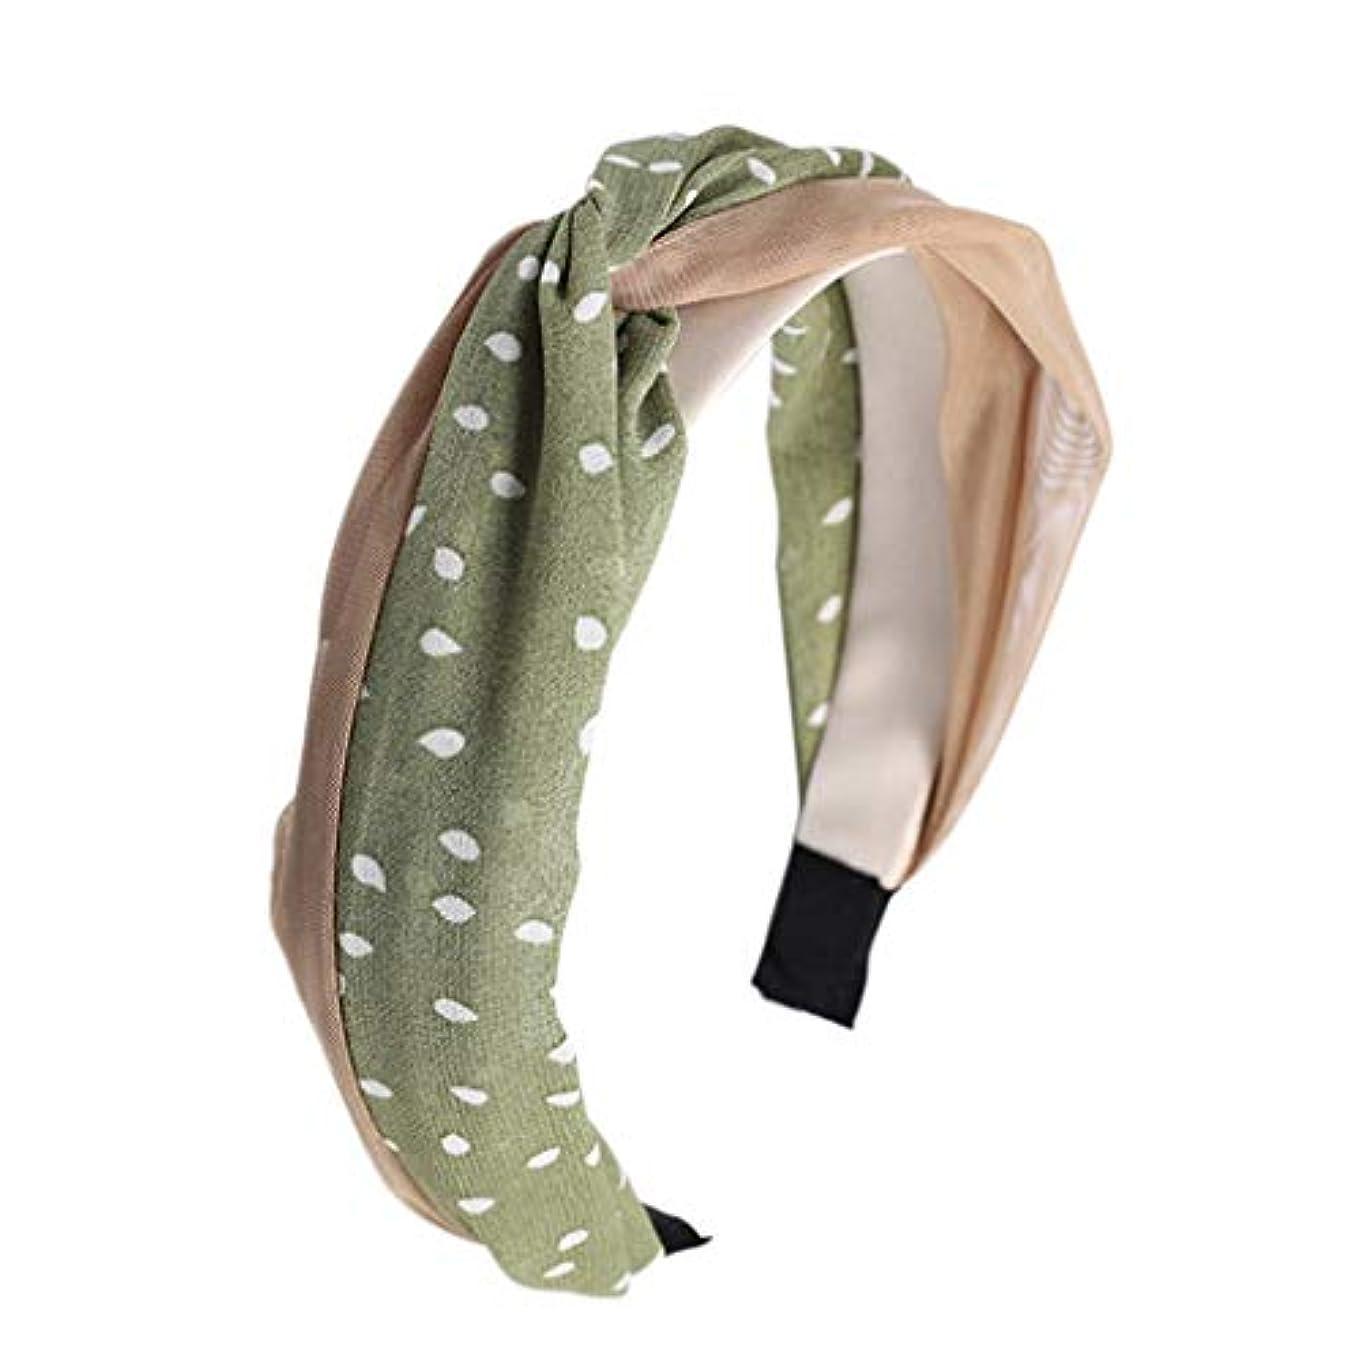 香りあえぎ無駄だManyao 韓国風の新鮮な女性のメッシュポルカドットヘッドバンドヴィンテージツイスト結び目ワイヤーヘアフープ (緑)